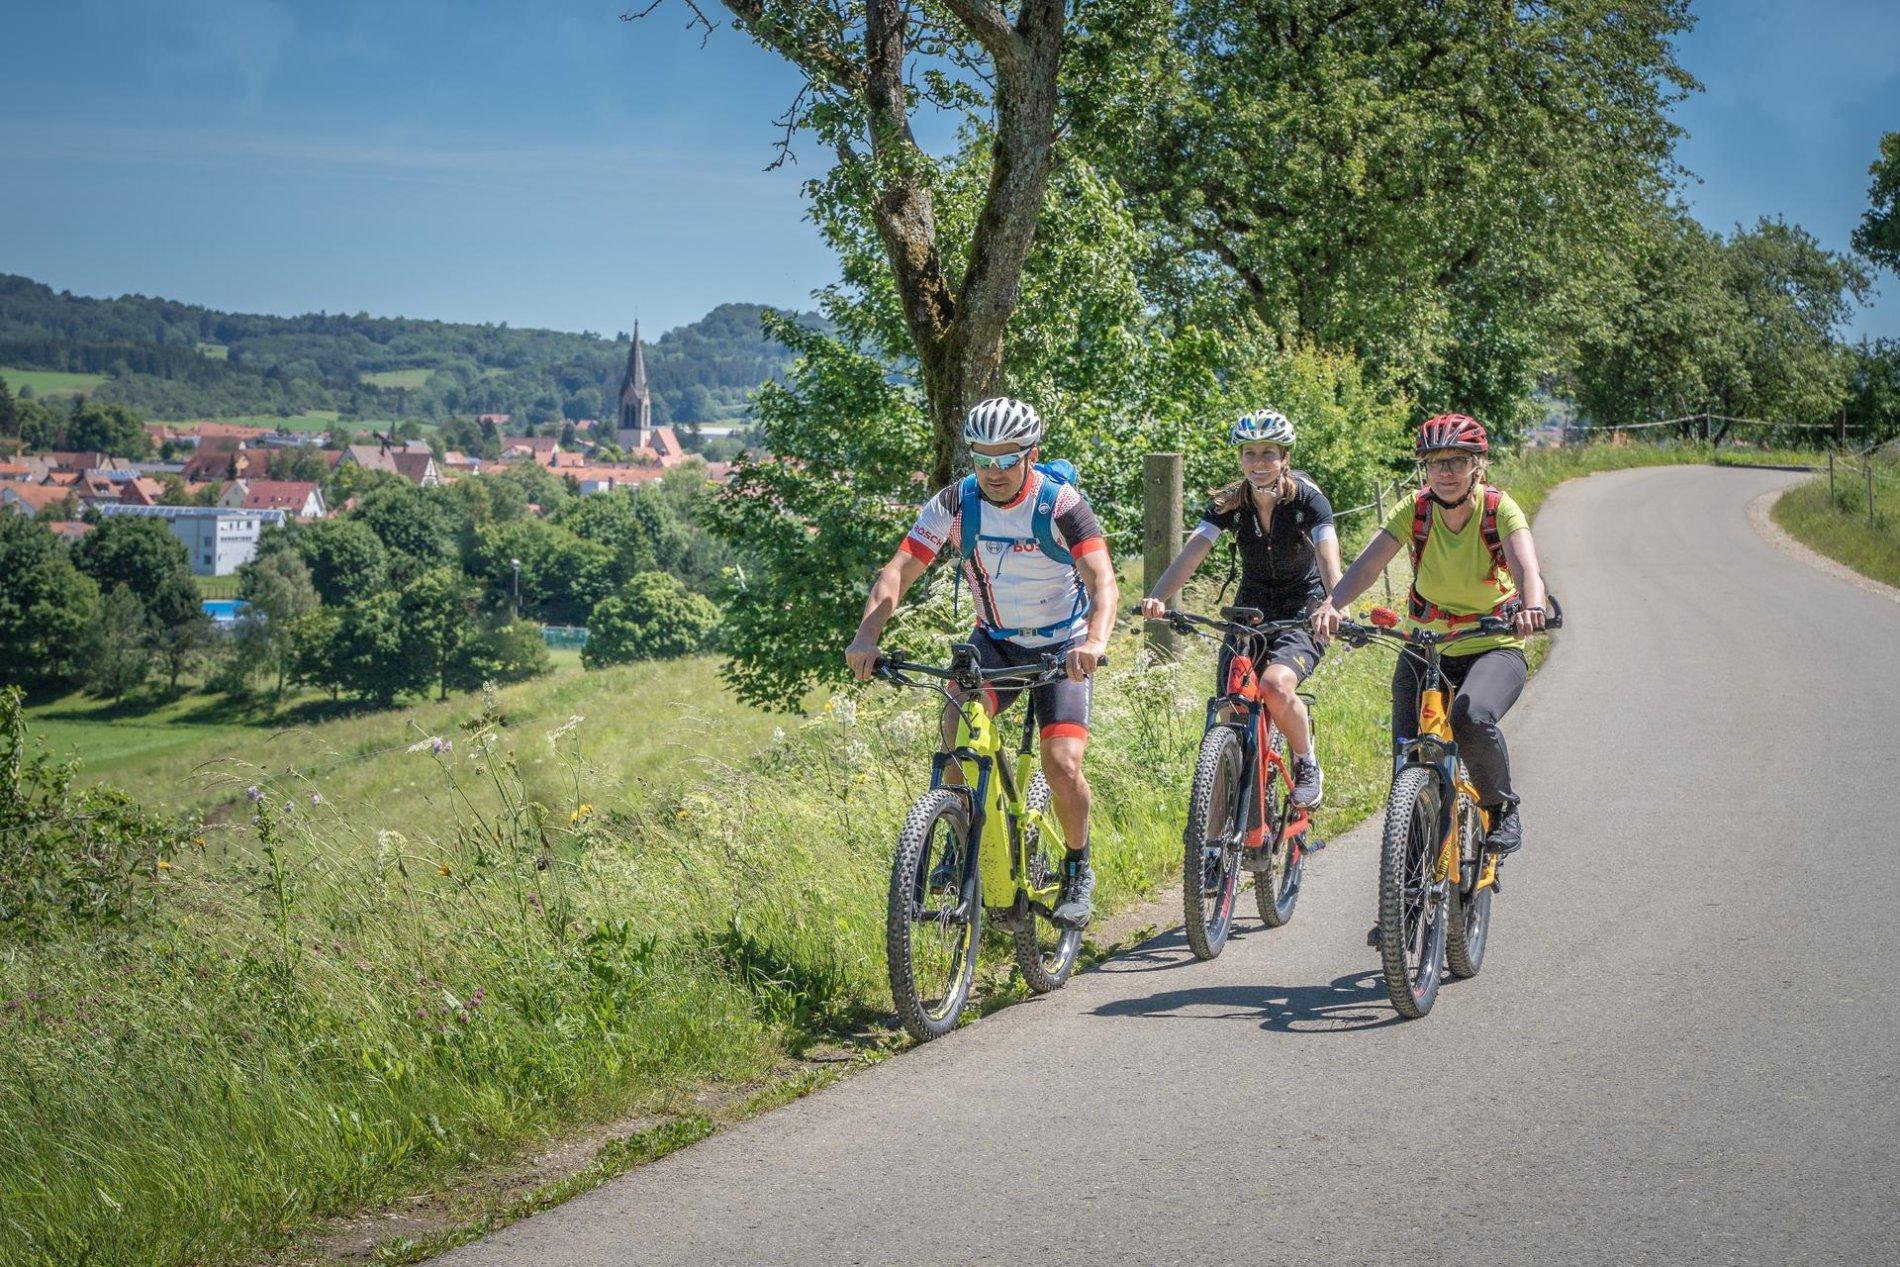 Drei Radfahrer*innen fahren mit E-Bikes auf einem Teerweg und lächeln. Am Rand ist eine Sommerwiese und einige Bäume. Im Hintergrund ist eine Stadt mit einer Kirche zu sehen.